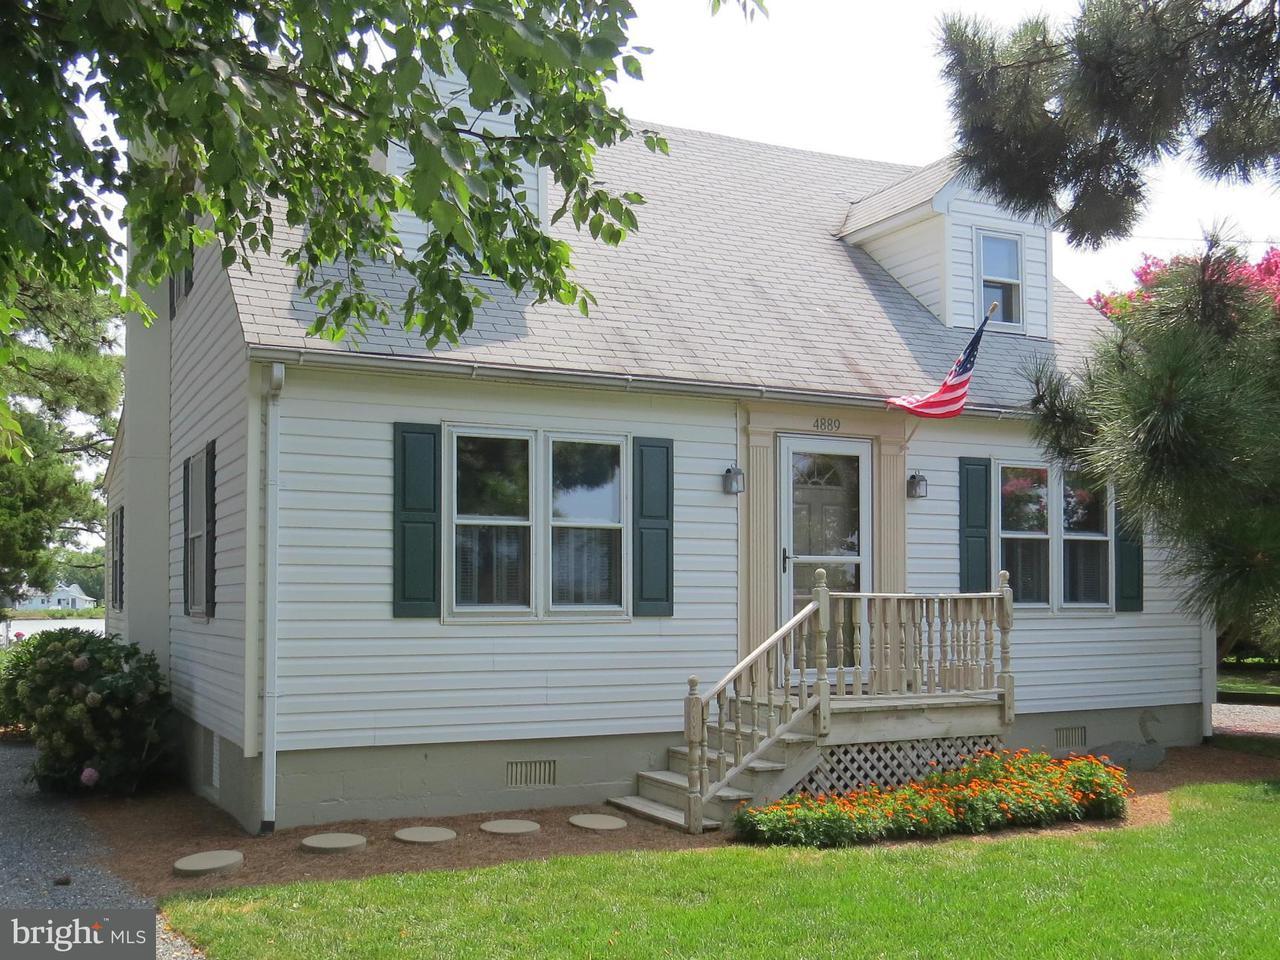 獨棟家庭住宅 為 出售 在 4889 Black Walnut Point Road 4889 Black Walnut Point Road Tilghman, 馬里蘭州 21671 美國